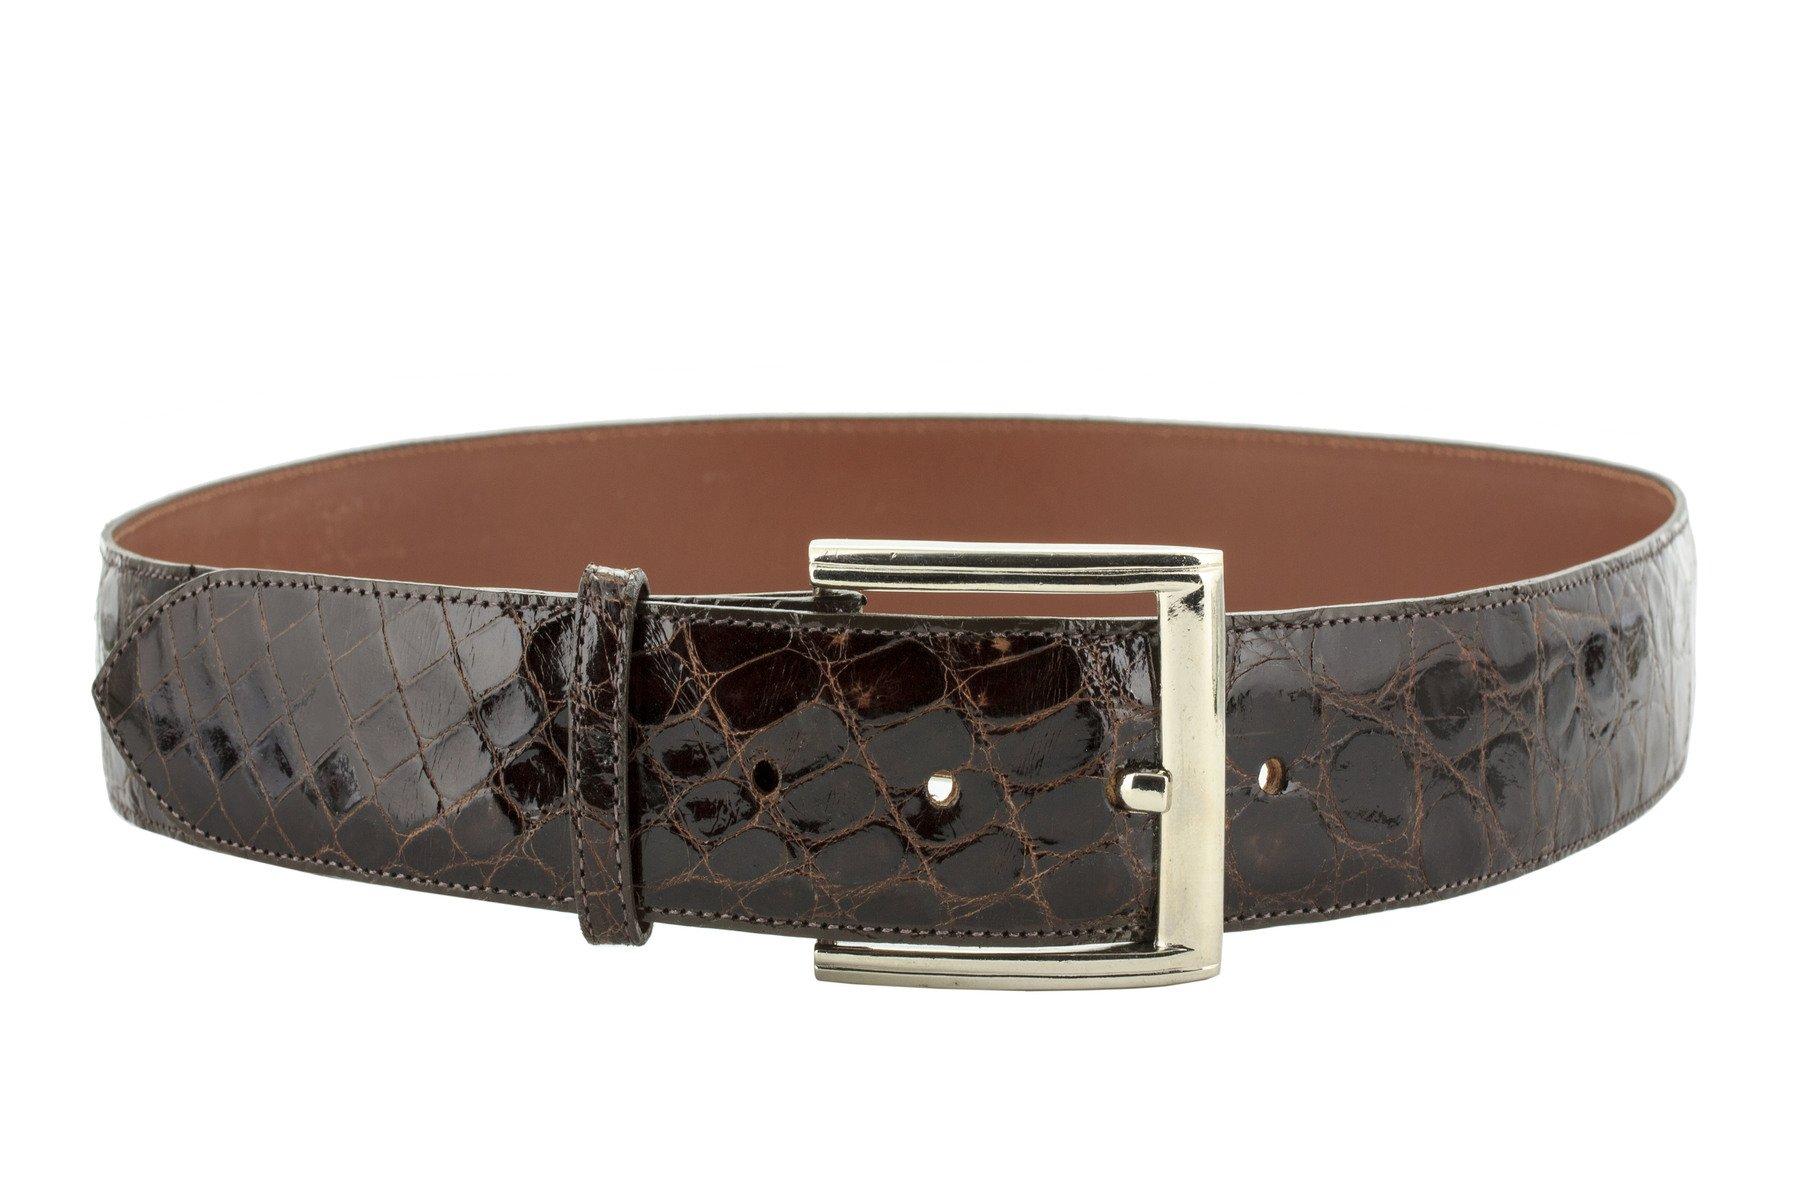 El Presidente - Men's Brown Genuine Crocodile Belly Skin Leather Dress Belt 40 by El Presidente (Image #3)